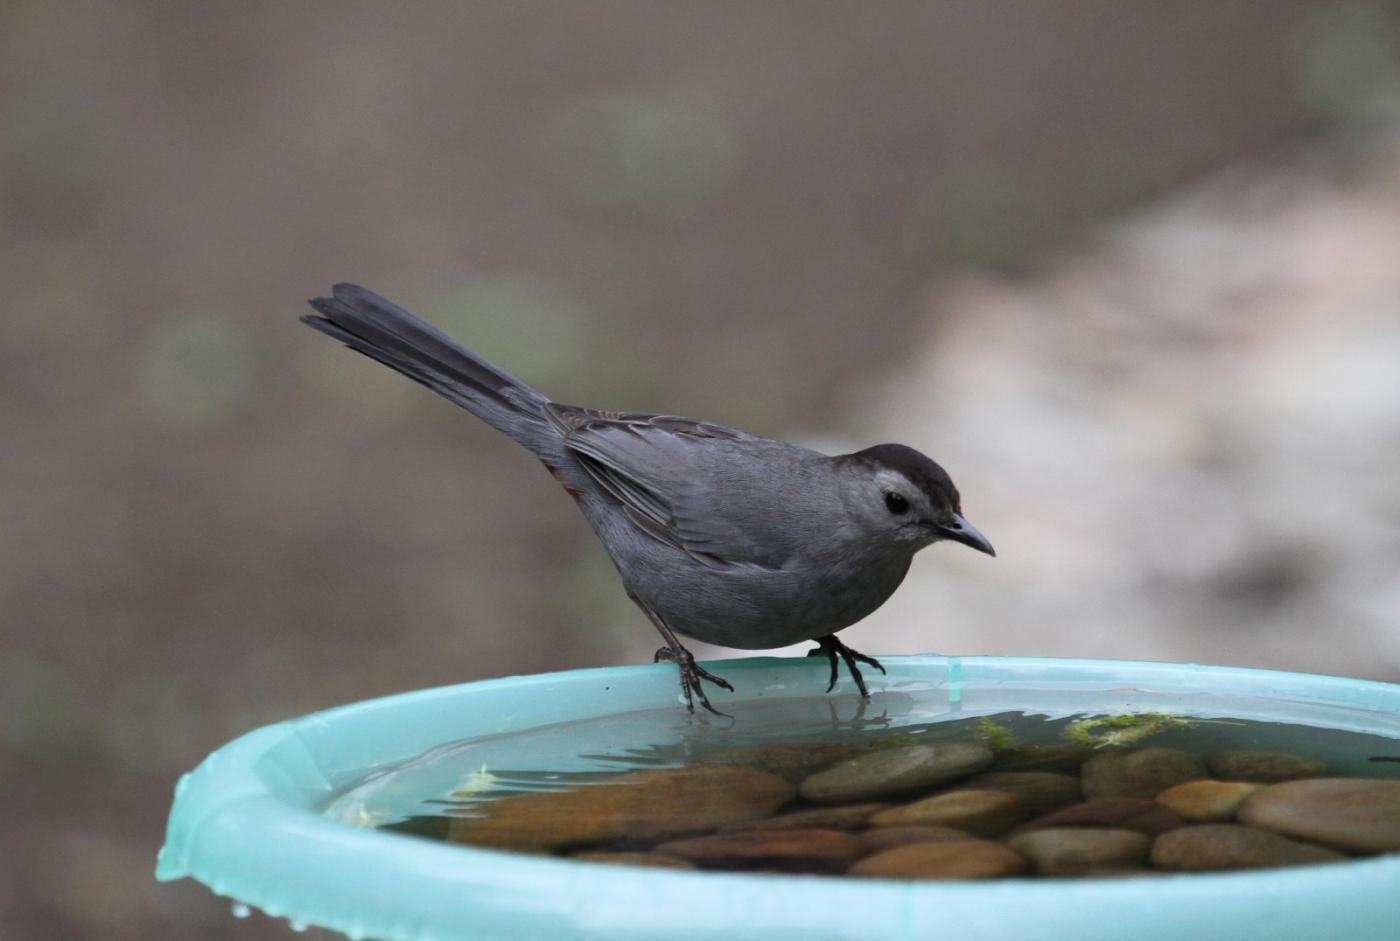 【田螺摄影】摆盆水在后院猫鸟就来淋浴了_图1-3